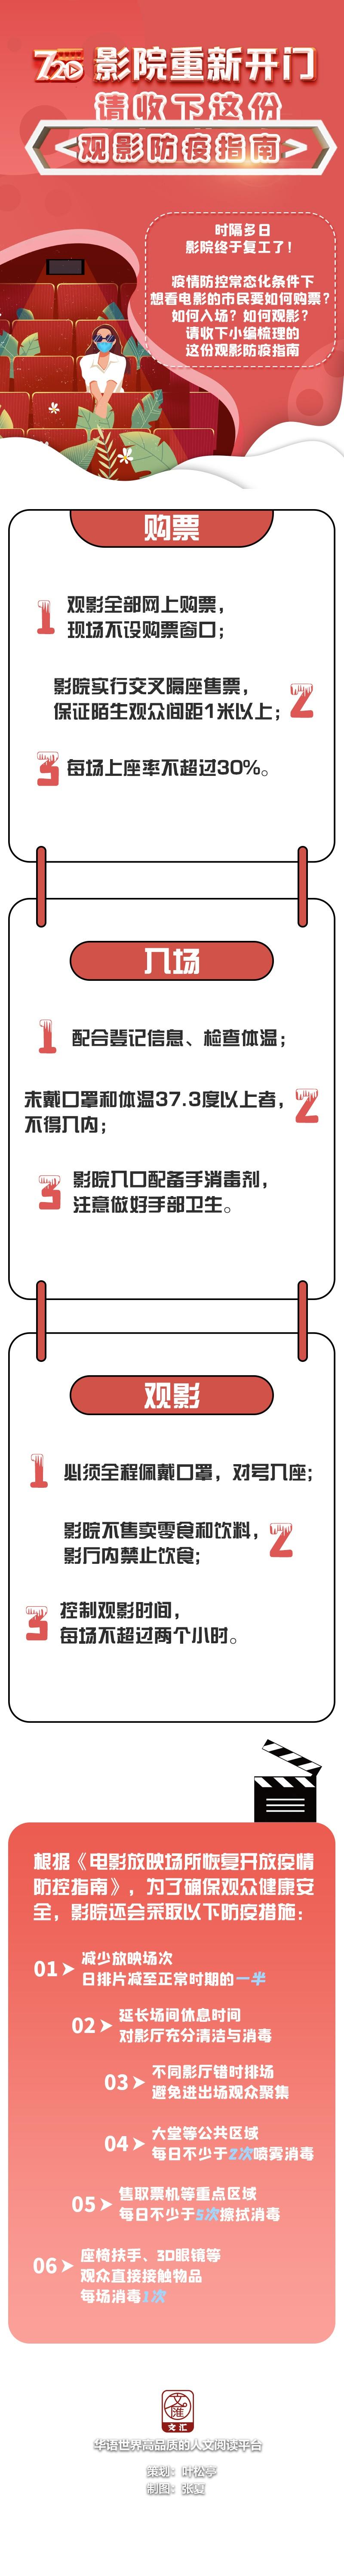 杭州女子失踪案后续:昨晚多辆化粪车进出小区